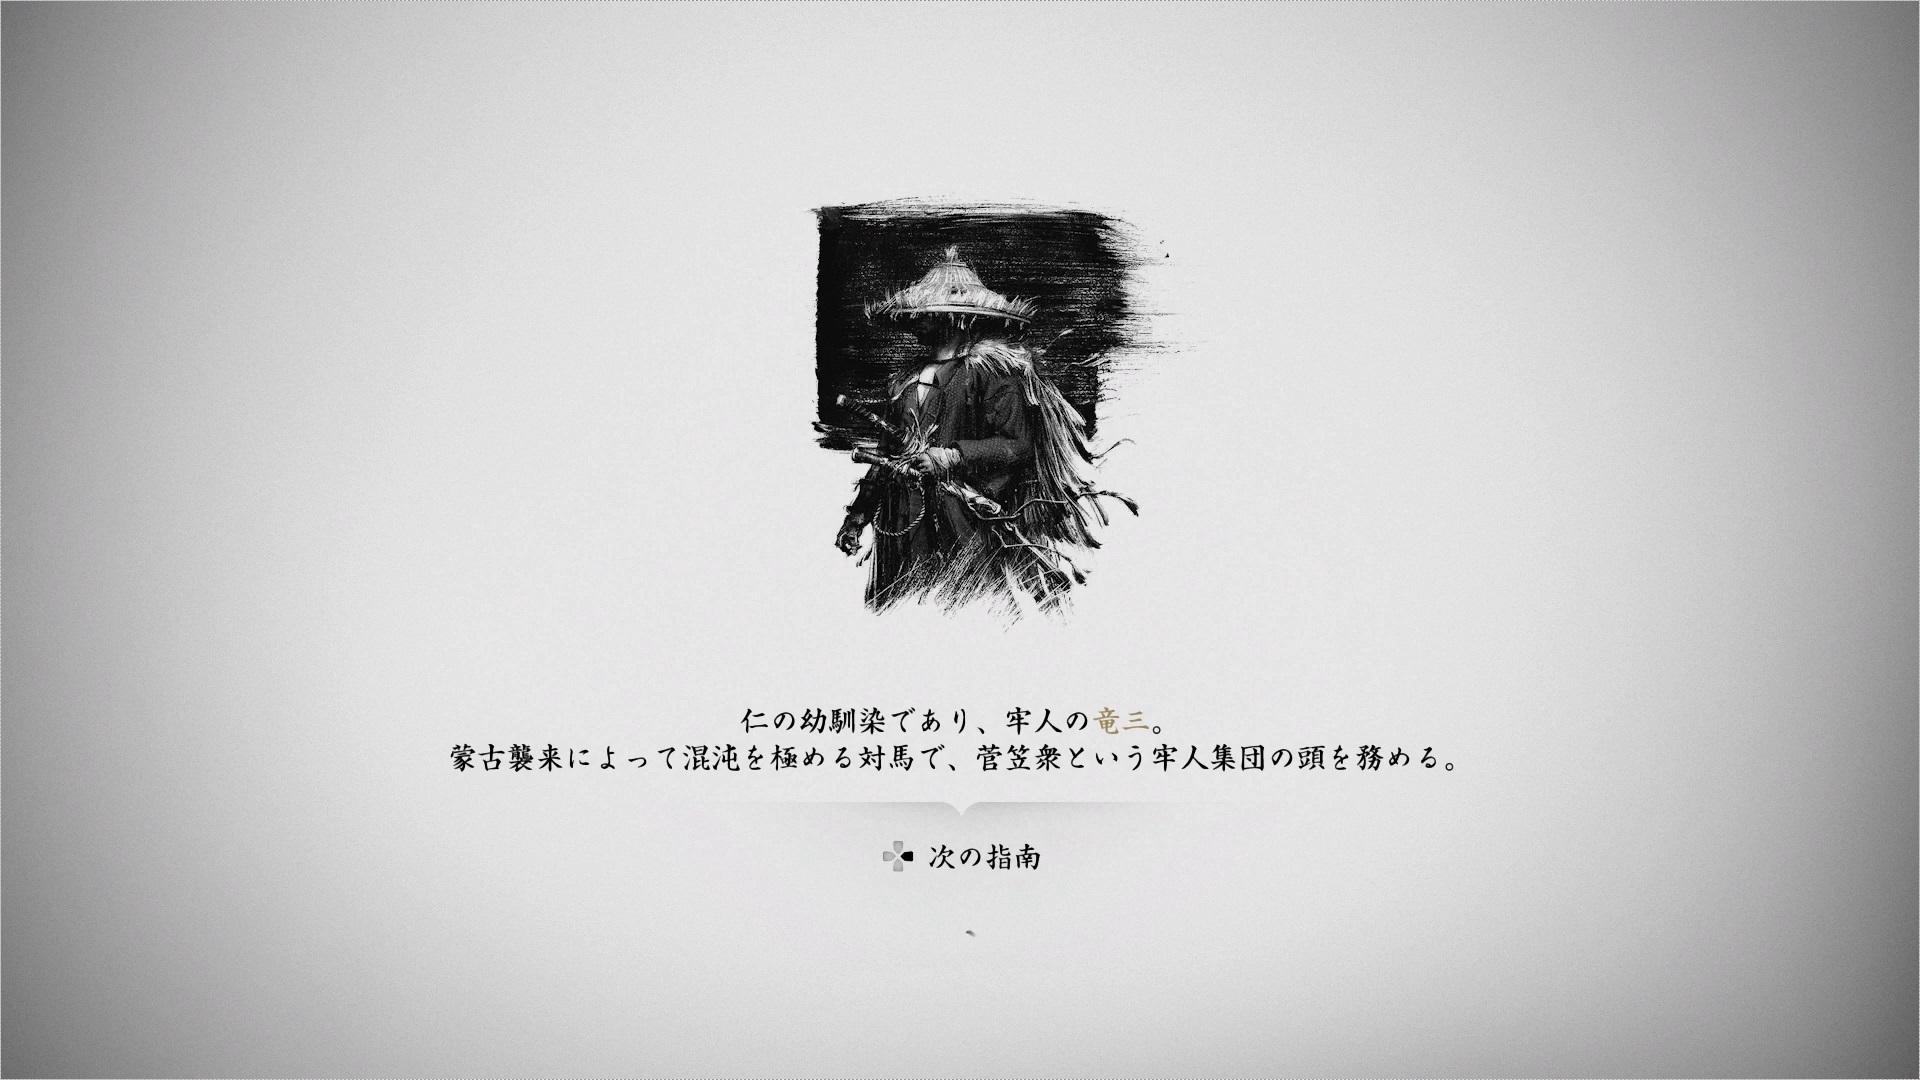 仁の幼馴染であり、牢人の竜三。蒙古襲来によって混沌を極める対馬で、菅笠衆という牢人集団の頭を務める。